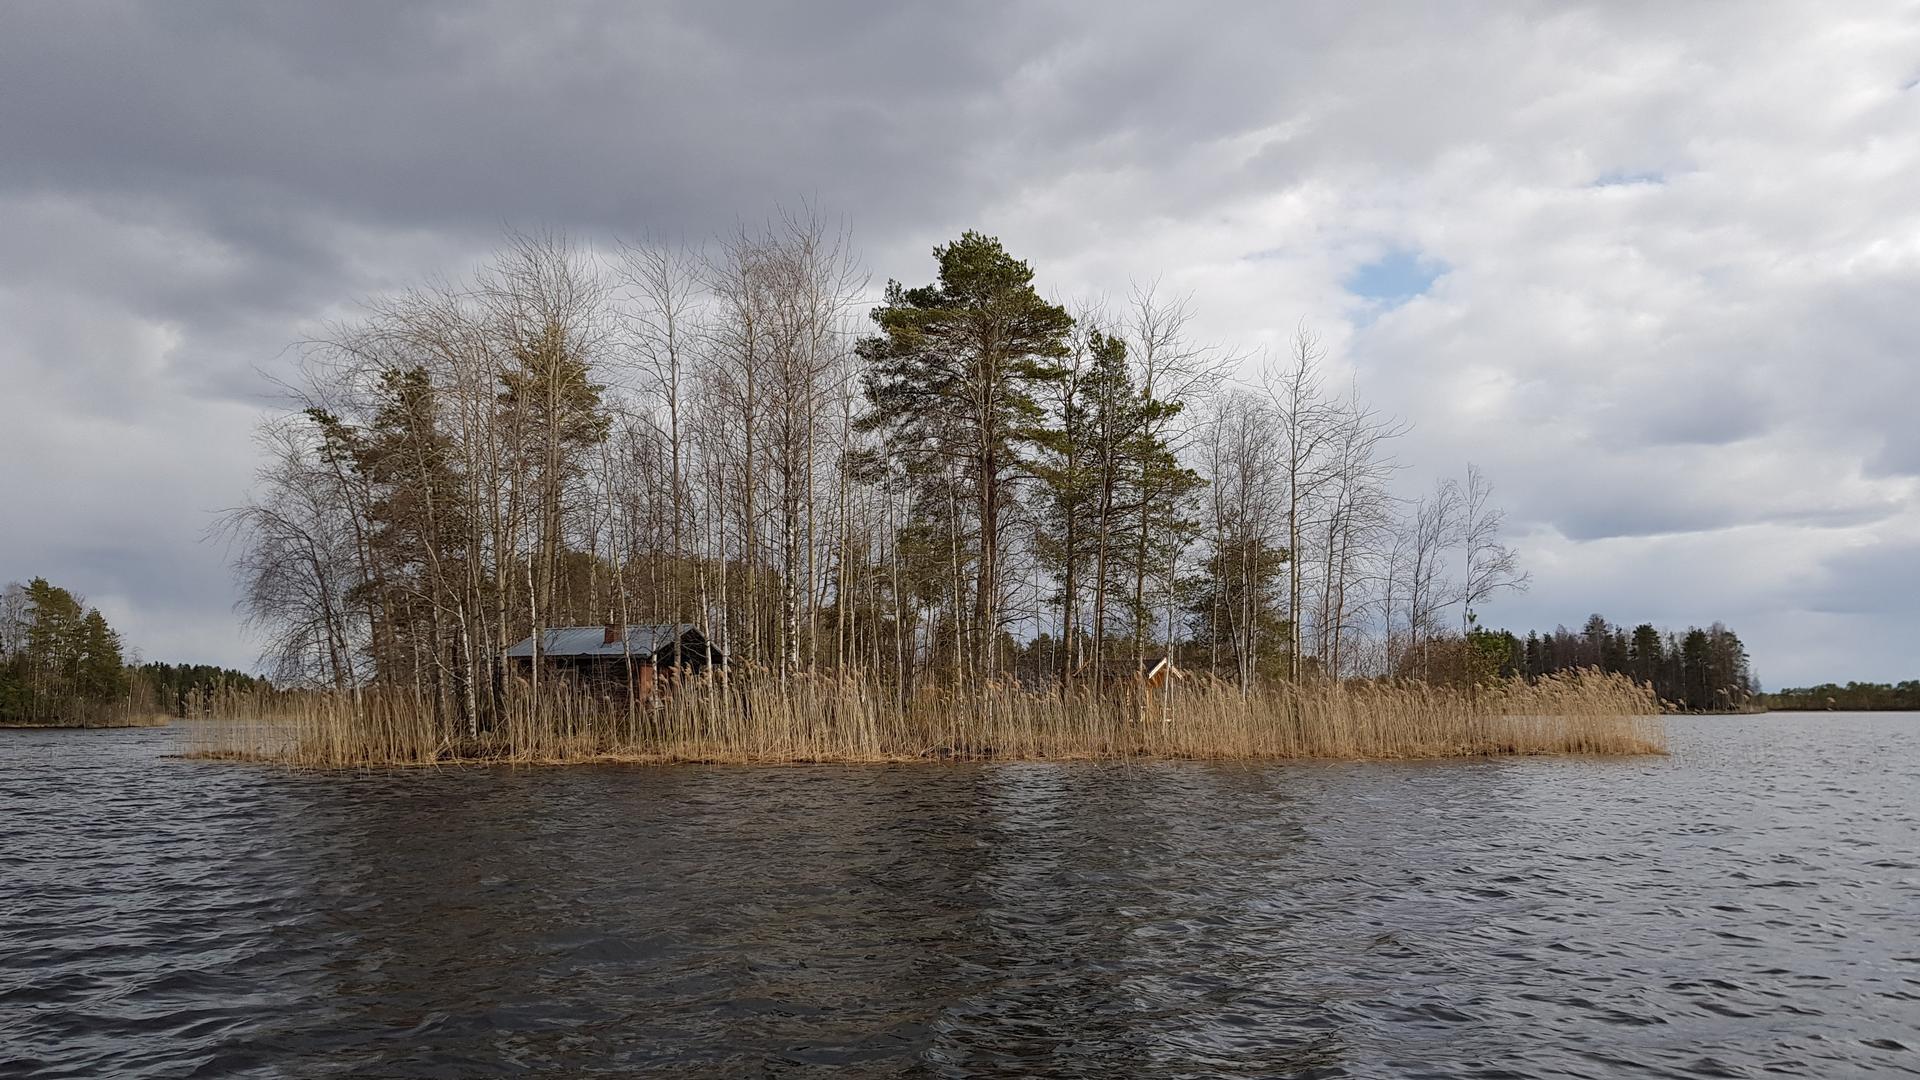 Saarimökki - Obrázek č. 135